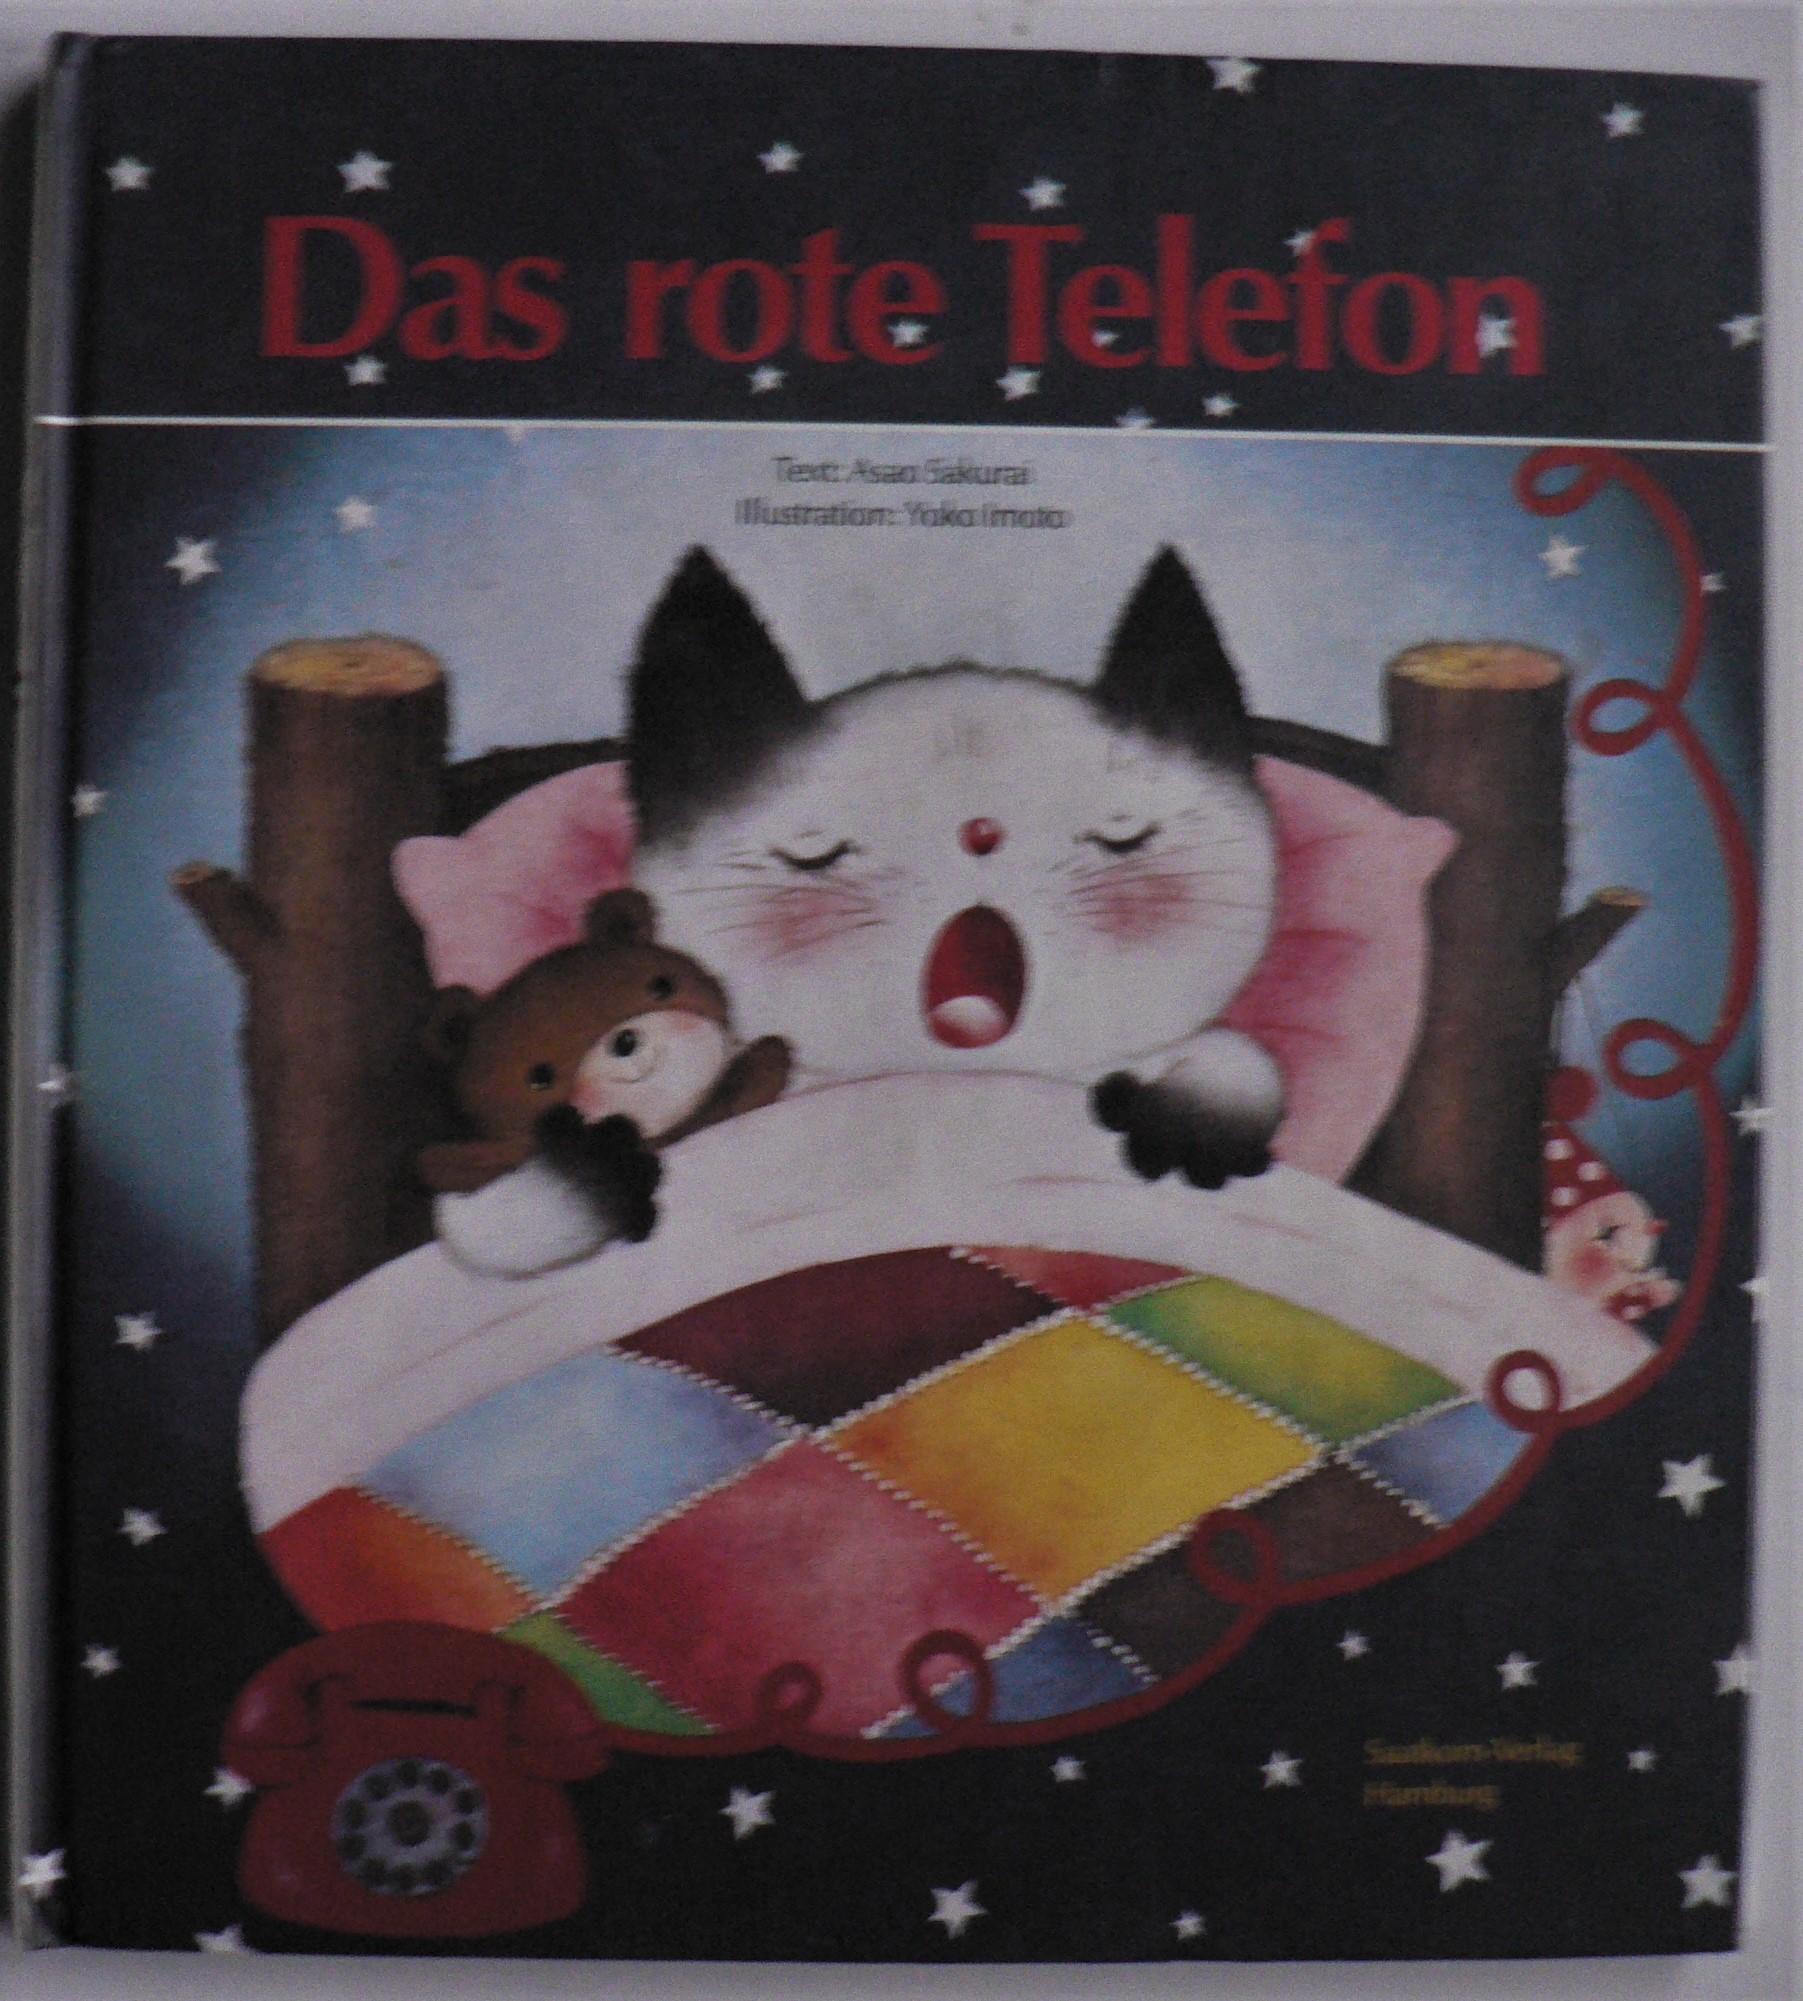 Bilder für Kinder von Tieren und Sachen:  Das rote Telefon